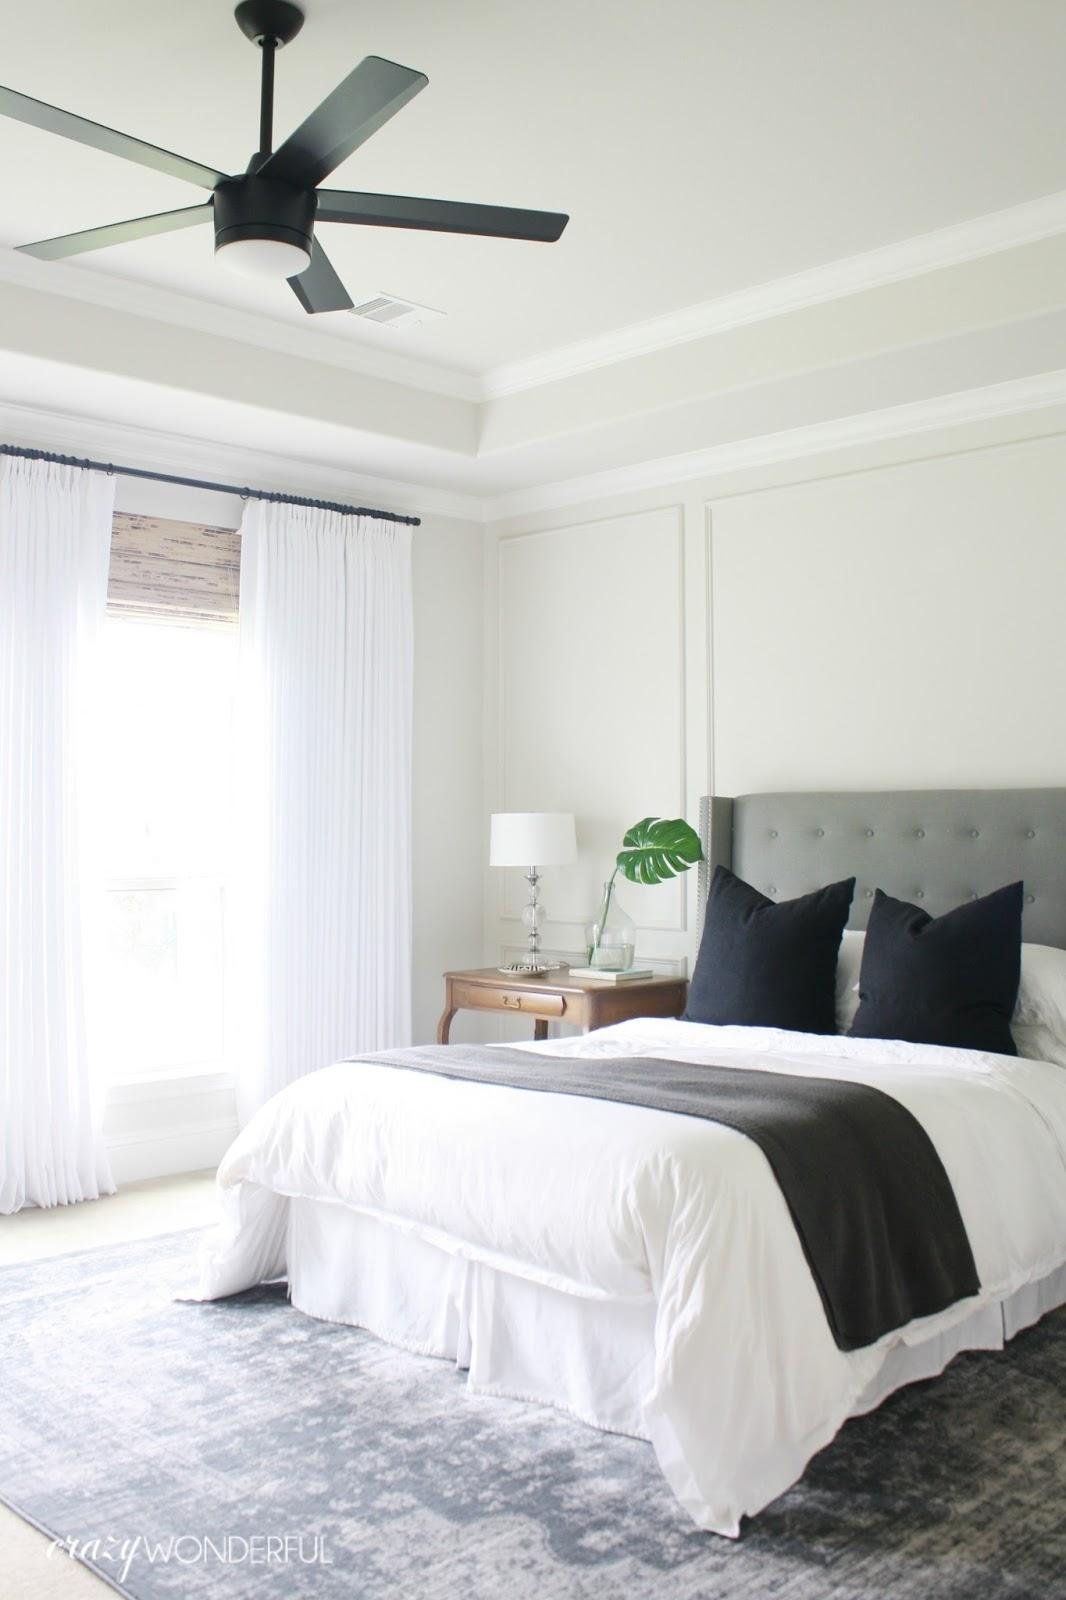 crazy wonderful bedroom ceiling fan